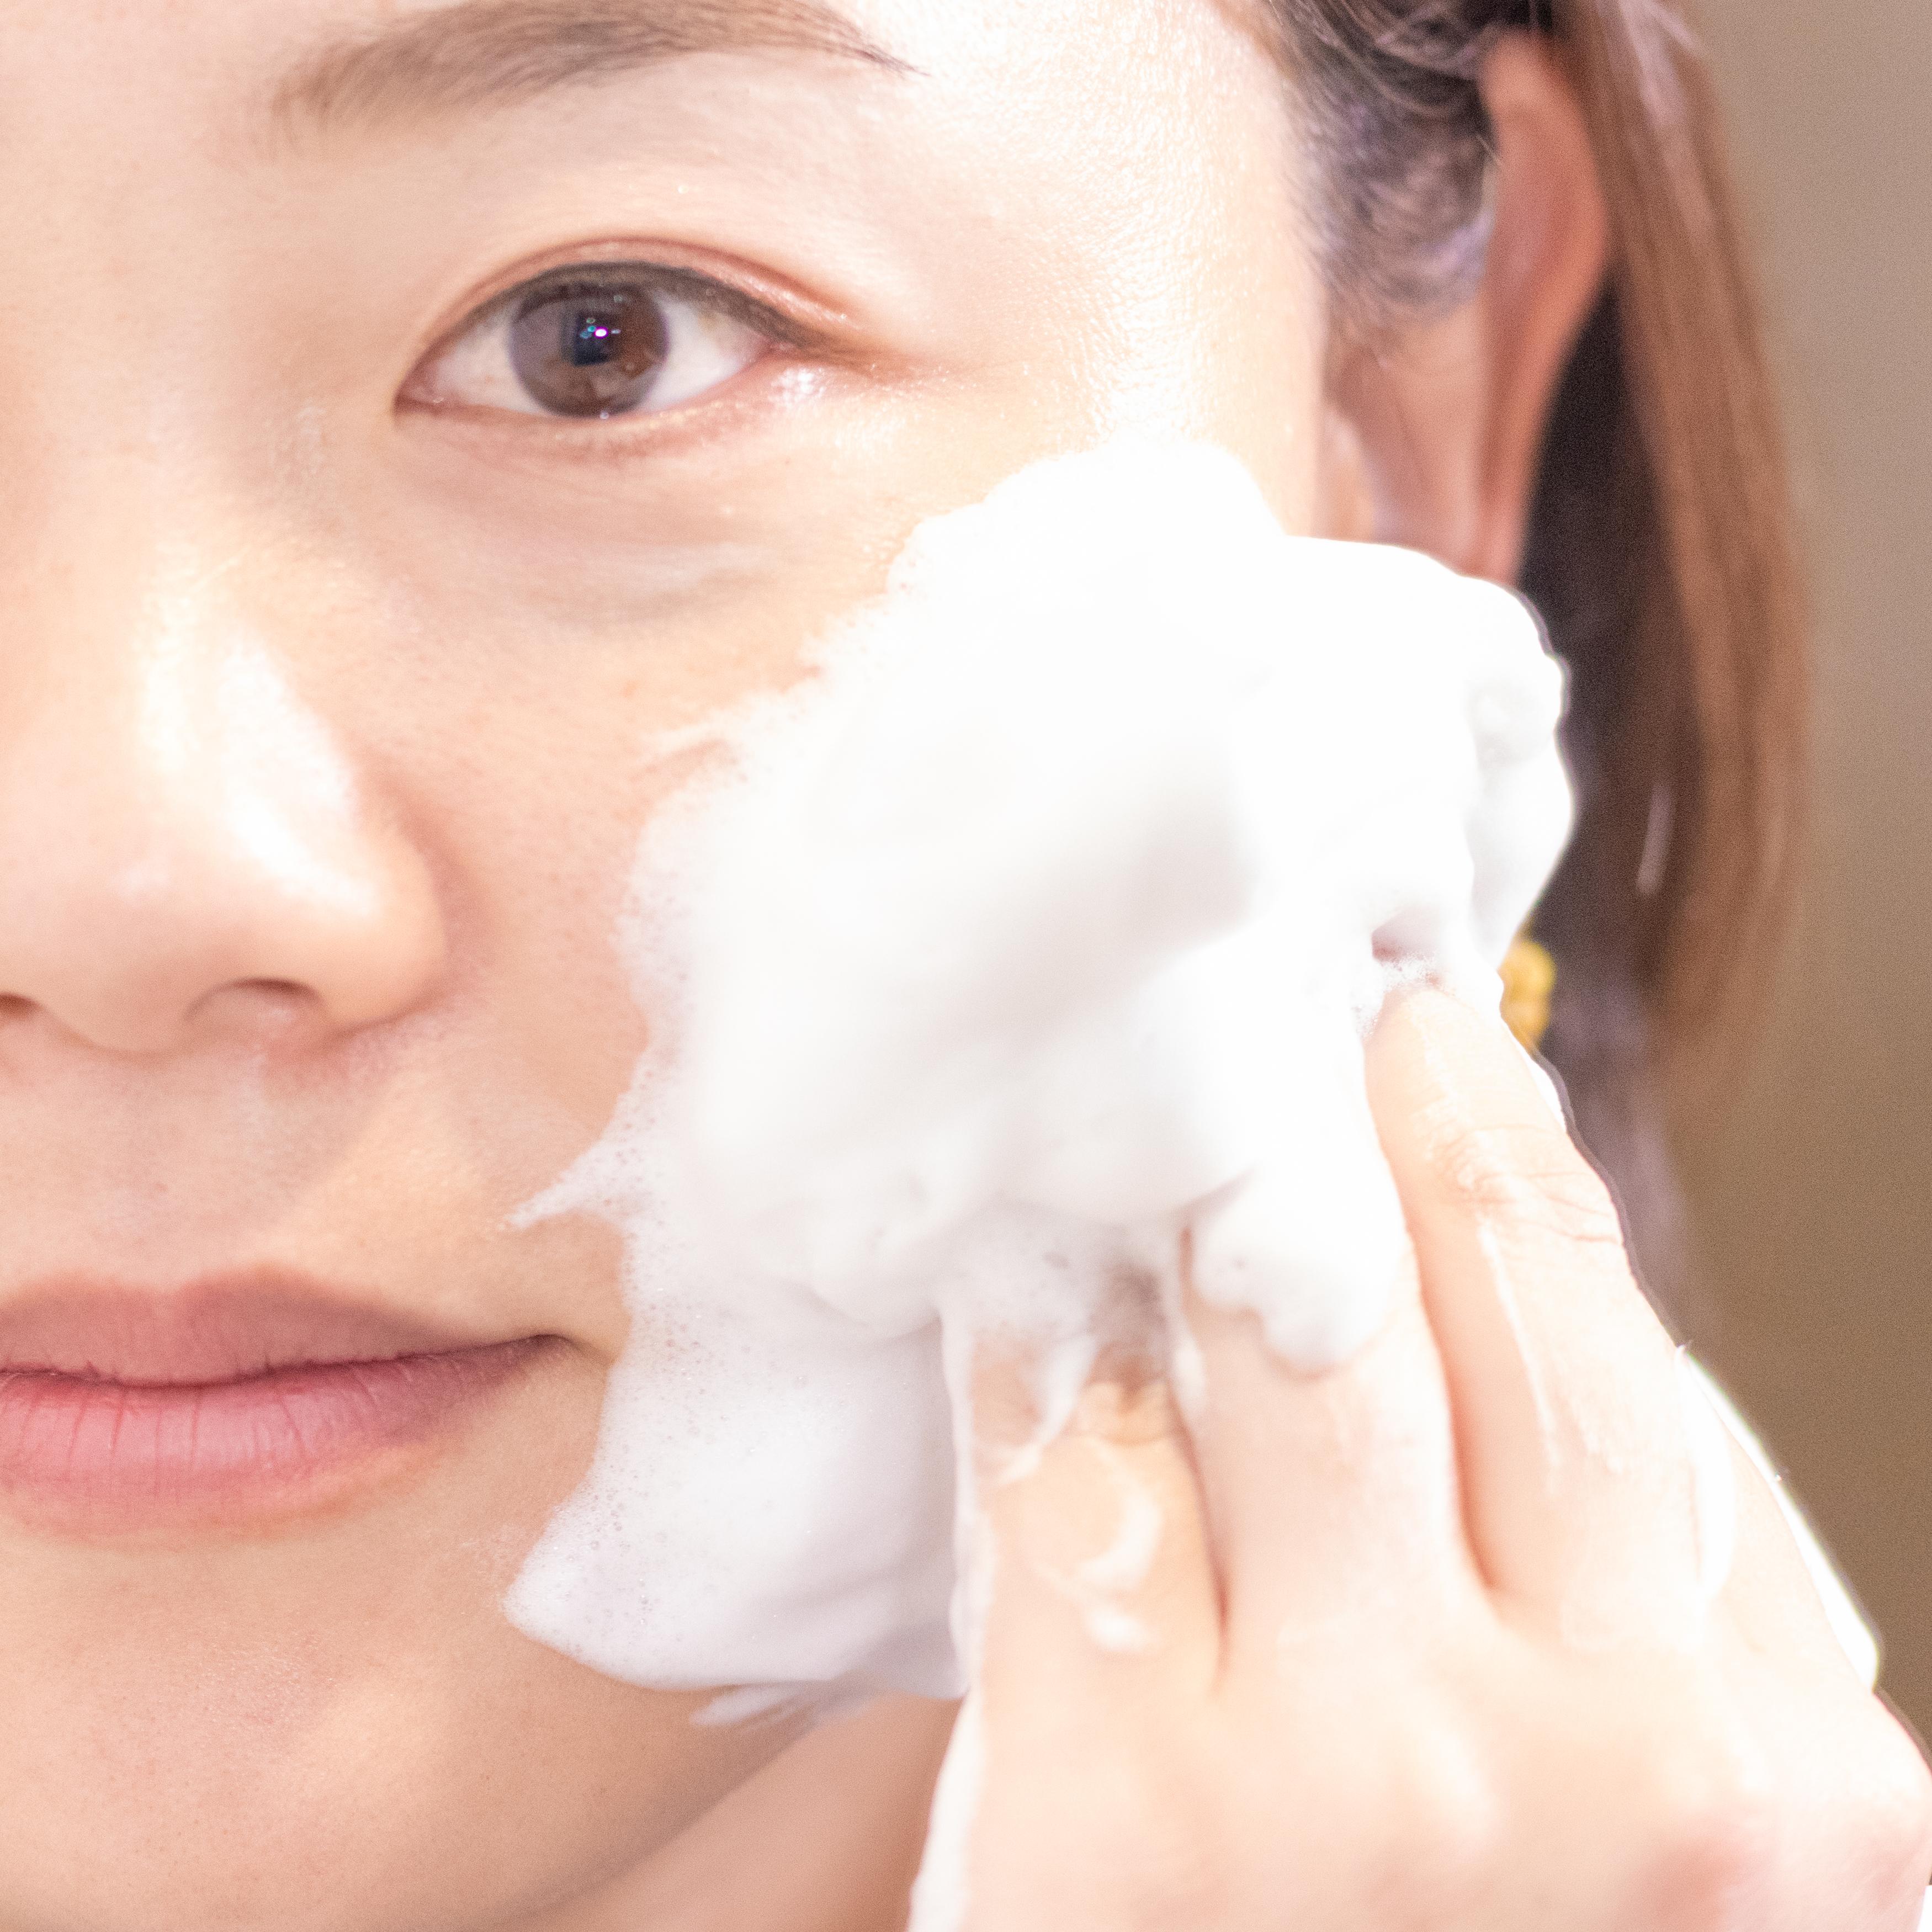 「ウォッシュ」は密度の濃い泡ができる。肌をなでるだけで毛穴の奥まで洗えている感じ